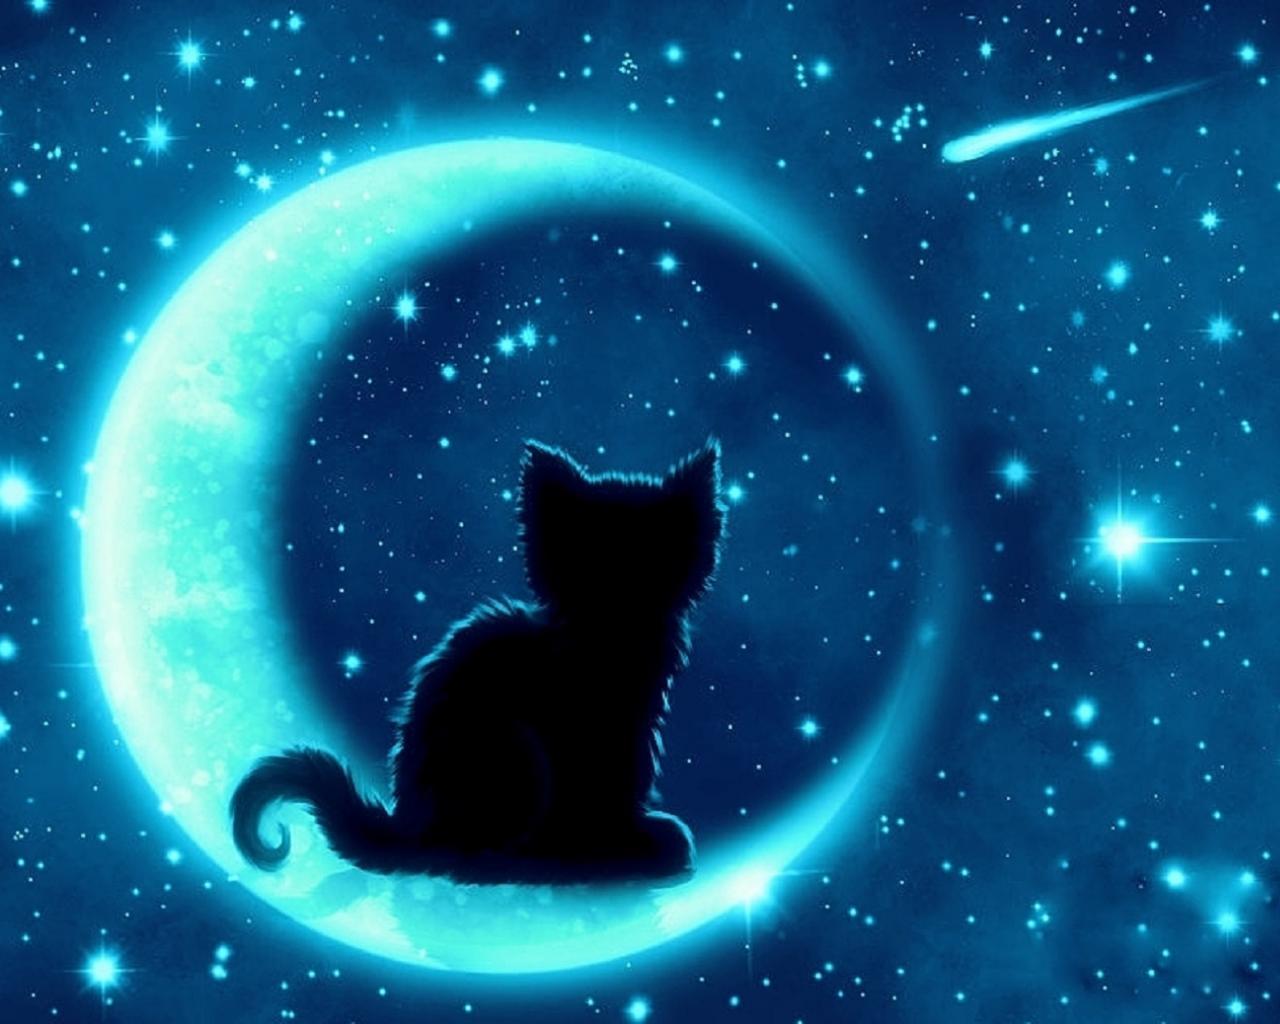 луна кот обои на рабочий стол № 573663 загрузить